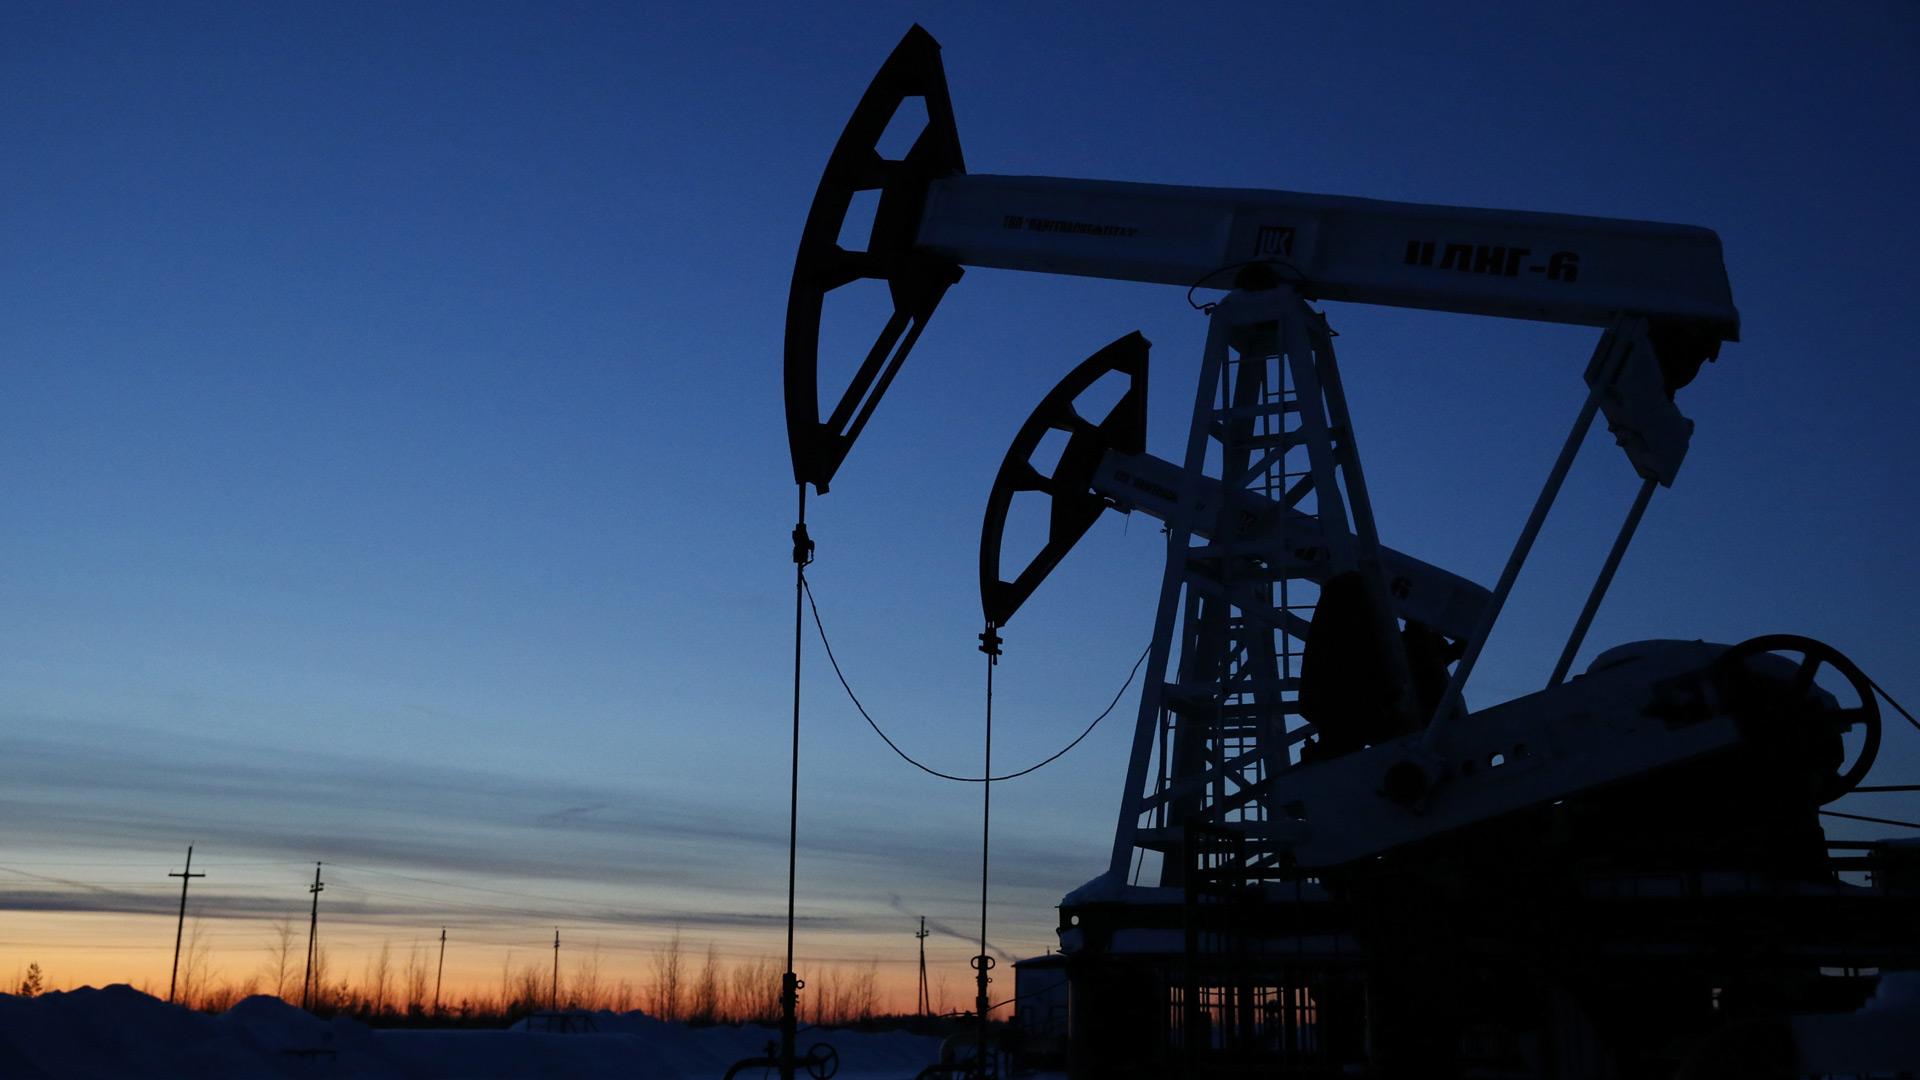 Los 10,878 millones de barriles diarios superan a los 9,7 millones de barriles que se lograron en 2006, según datos del Ministero de Energía ruso